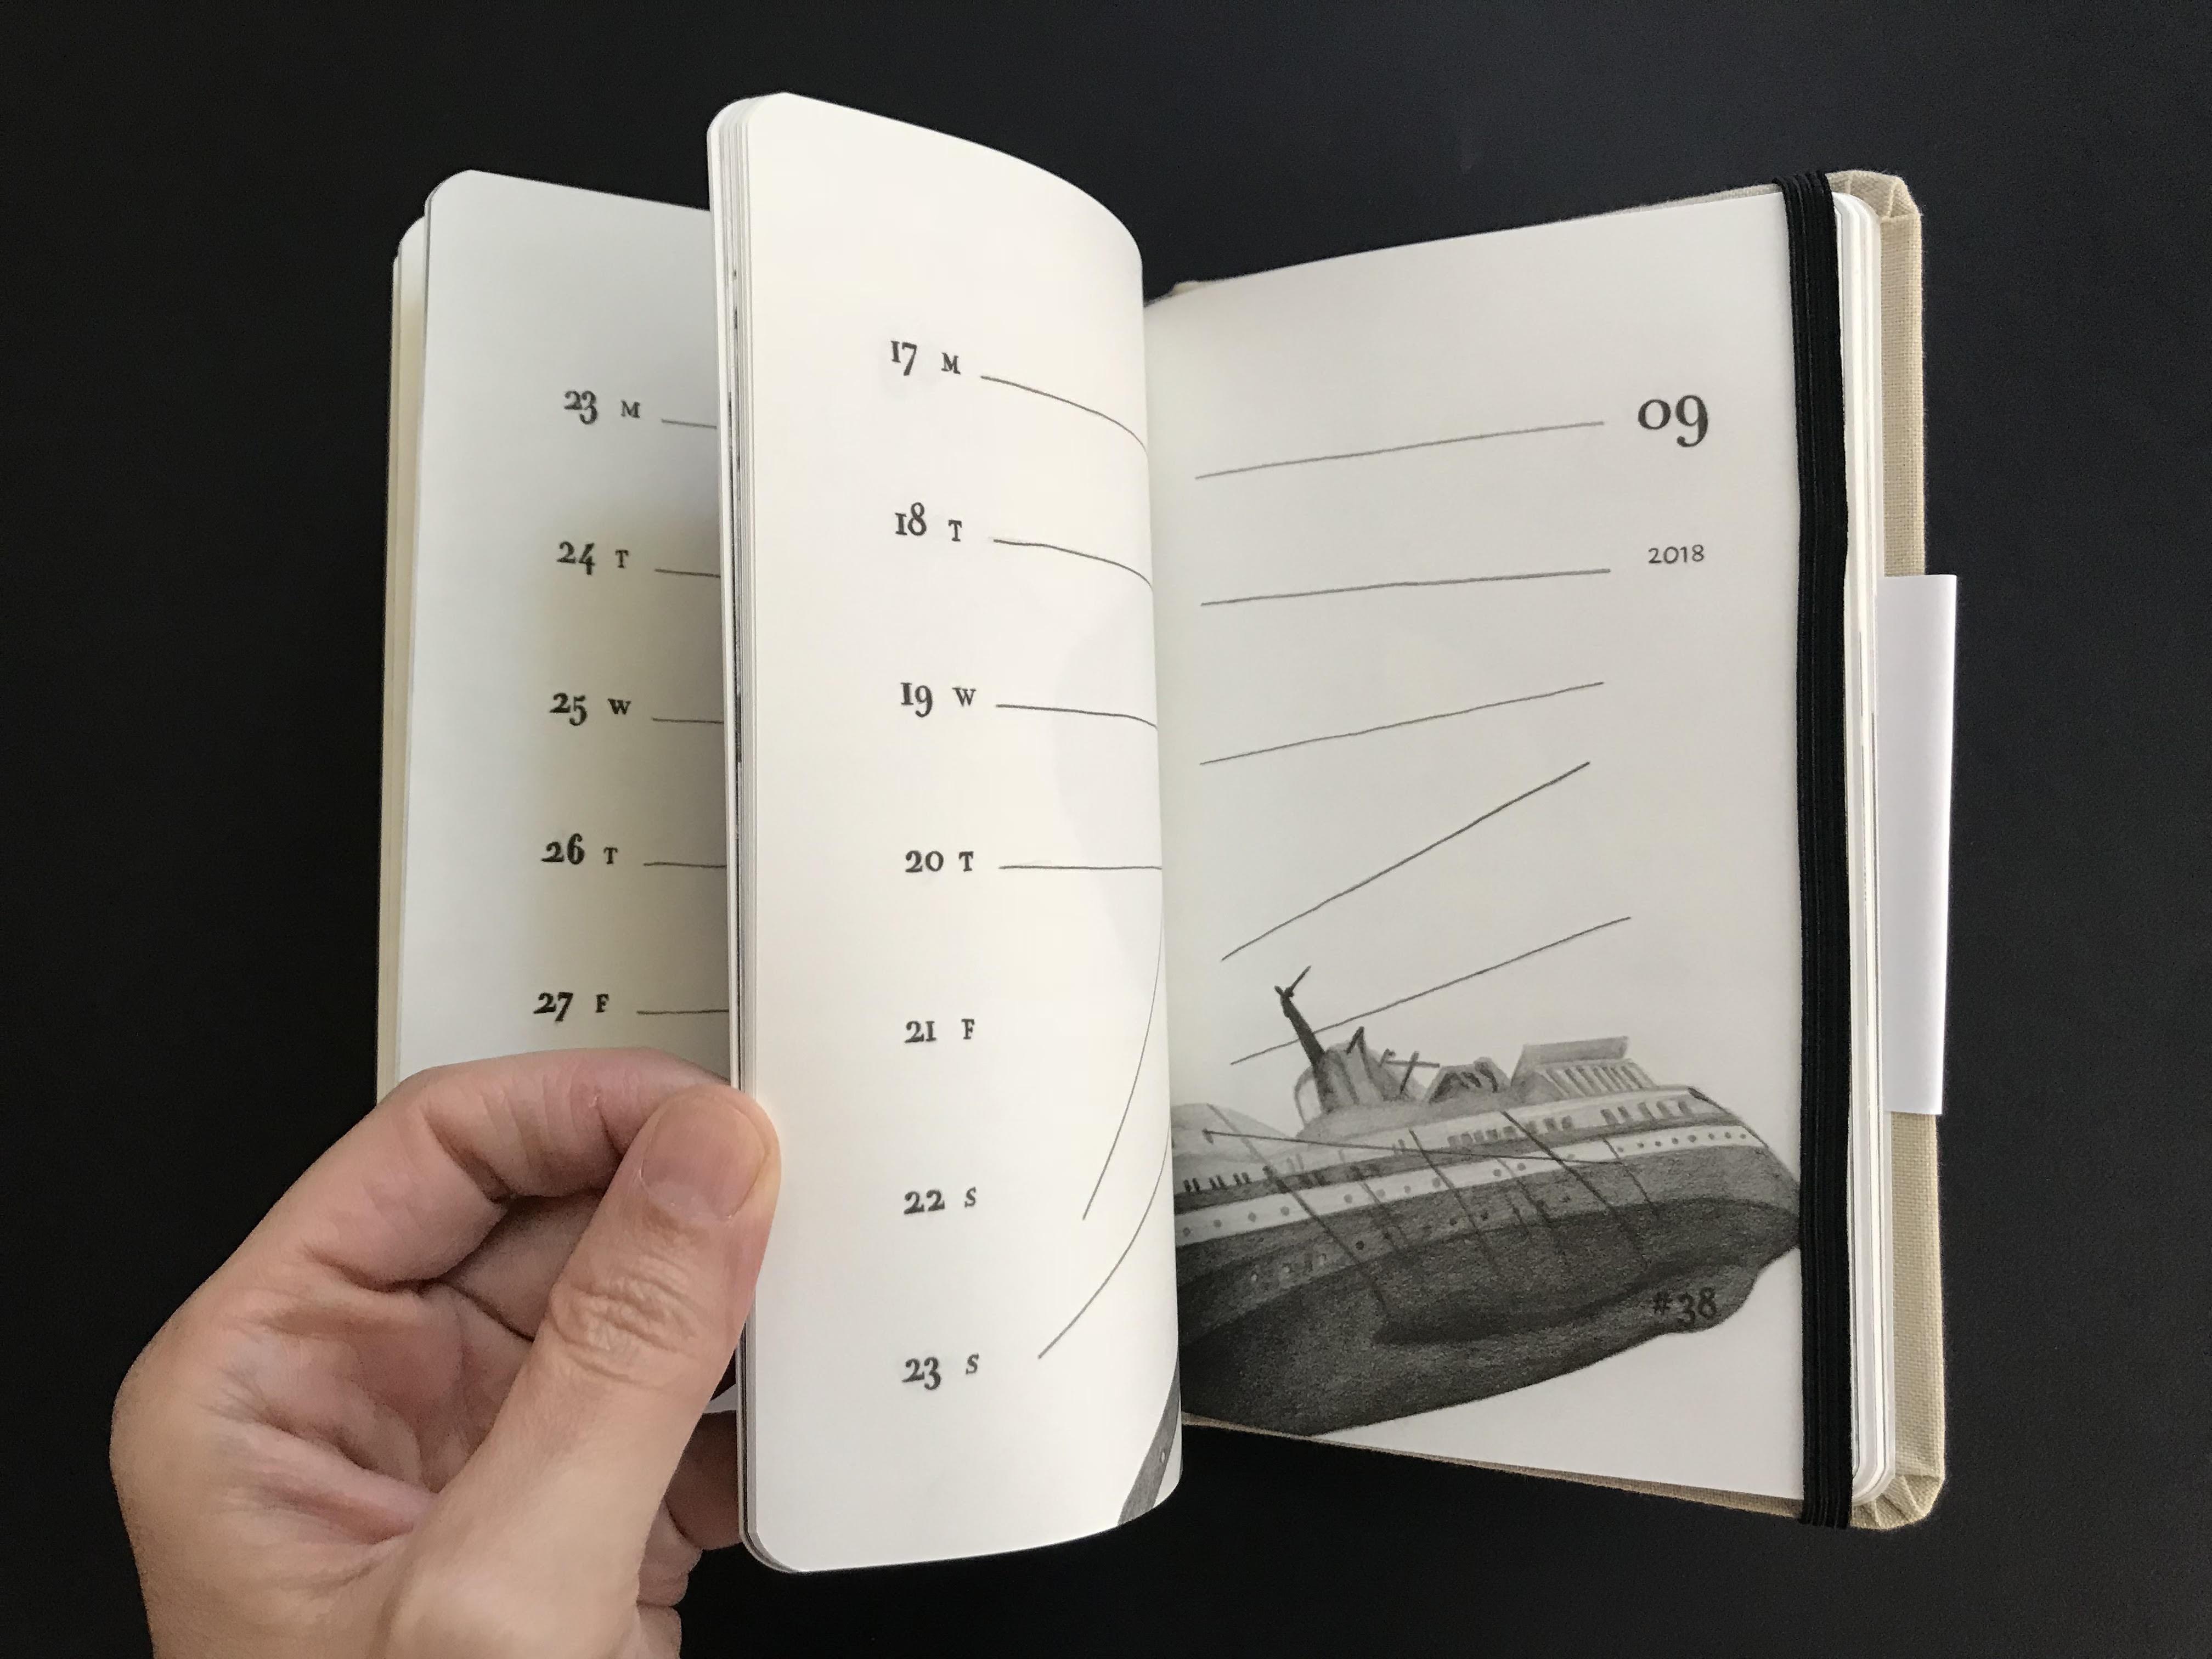 מאיה אטון, 2018 ספר אמן ויומן שבועי, 17X11 סמ (2)